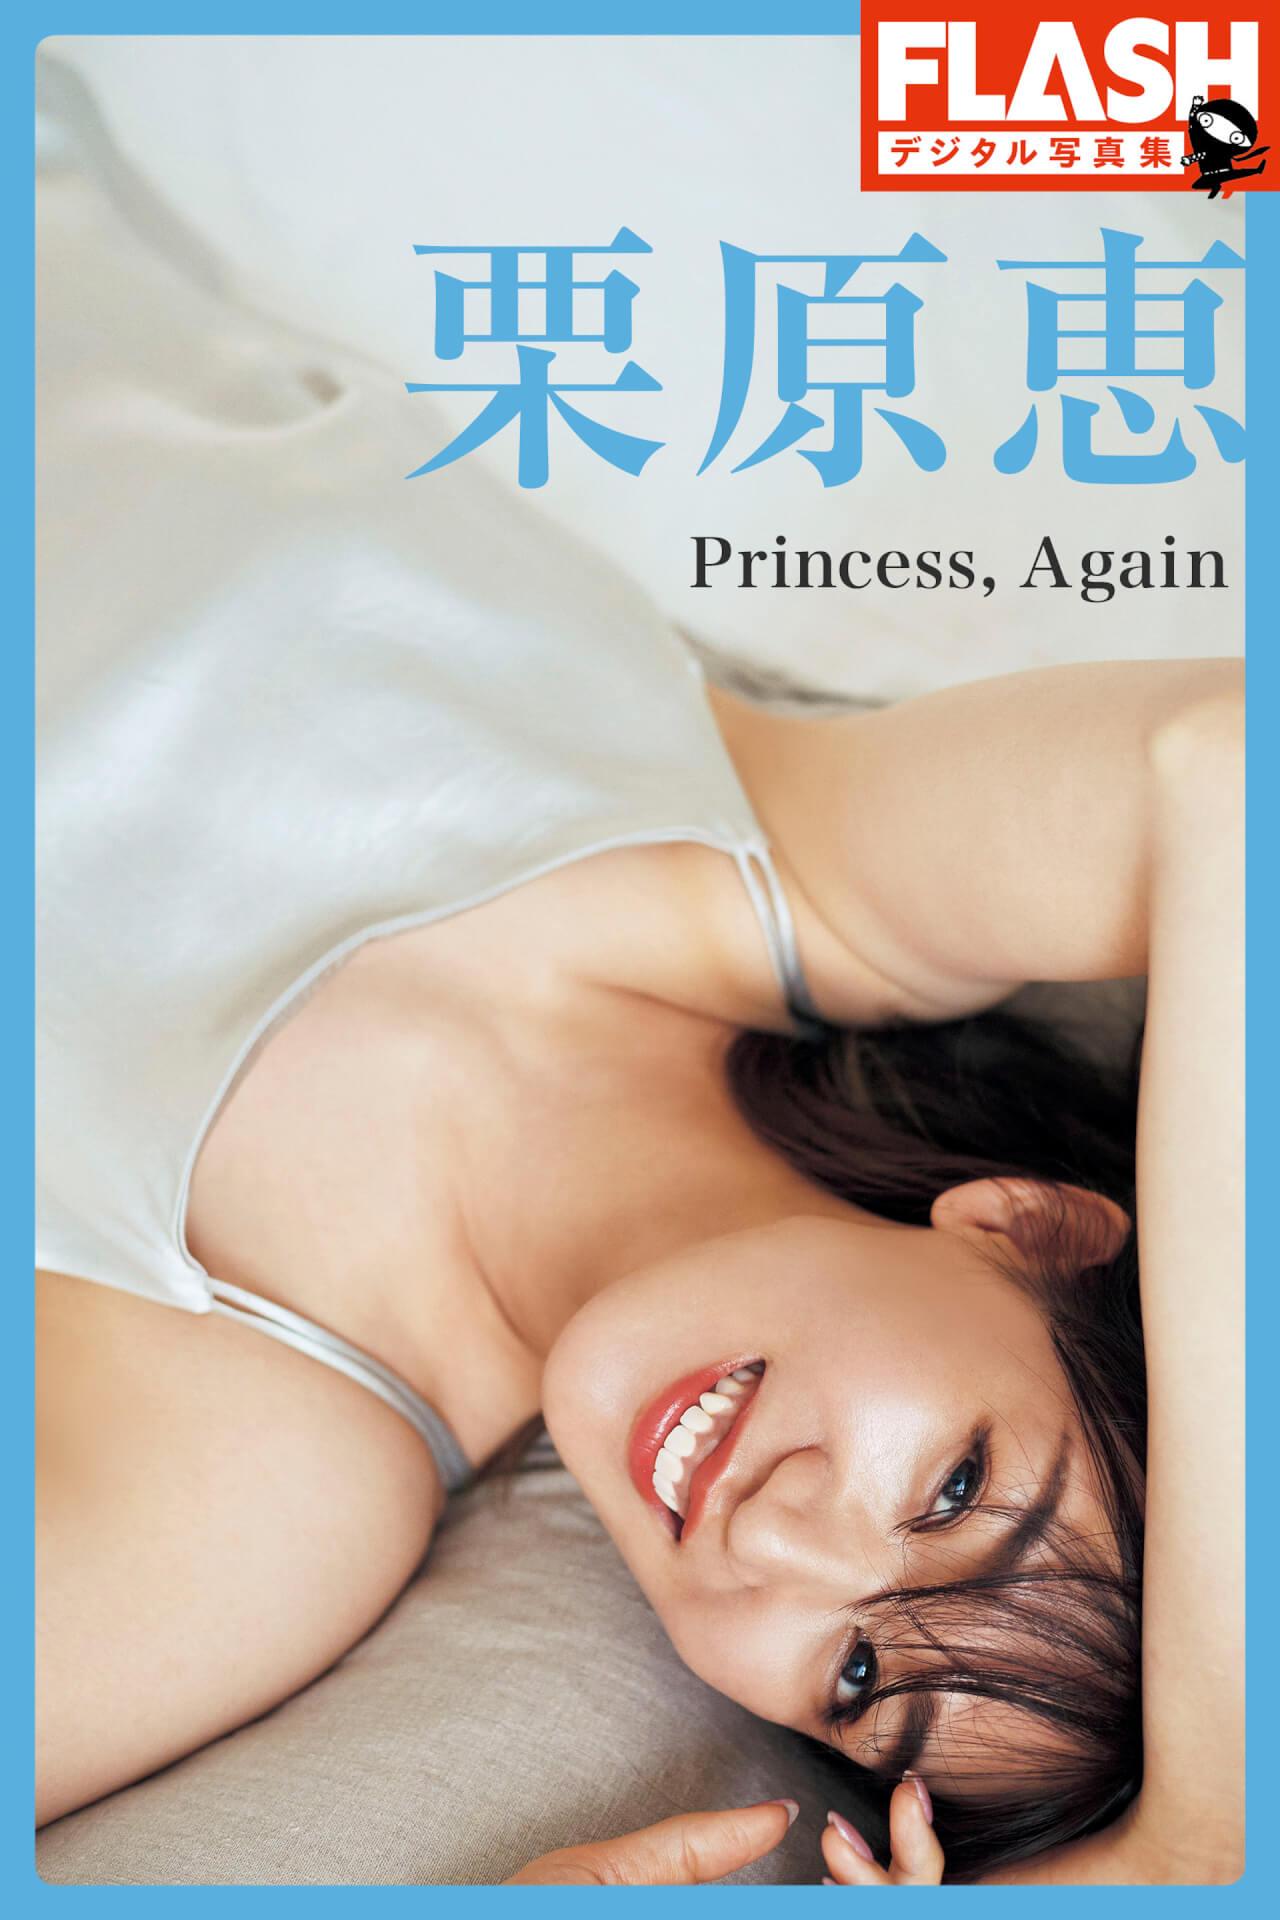 バレー界のプリンセス栗原恵がセクシーに魅せる!初の本格グラビアに挑戦したデジタル写真集『Princess, Again』が発売 art210524_kuriharamegumi_1